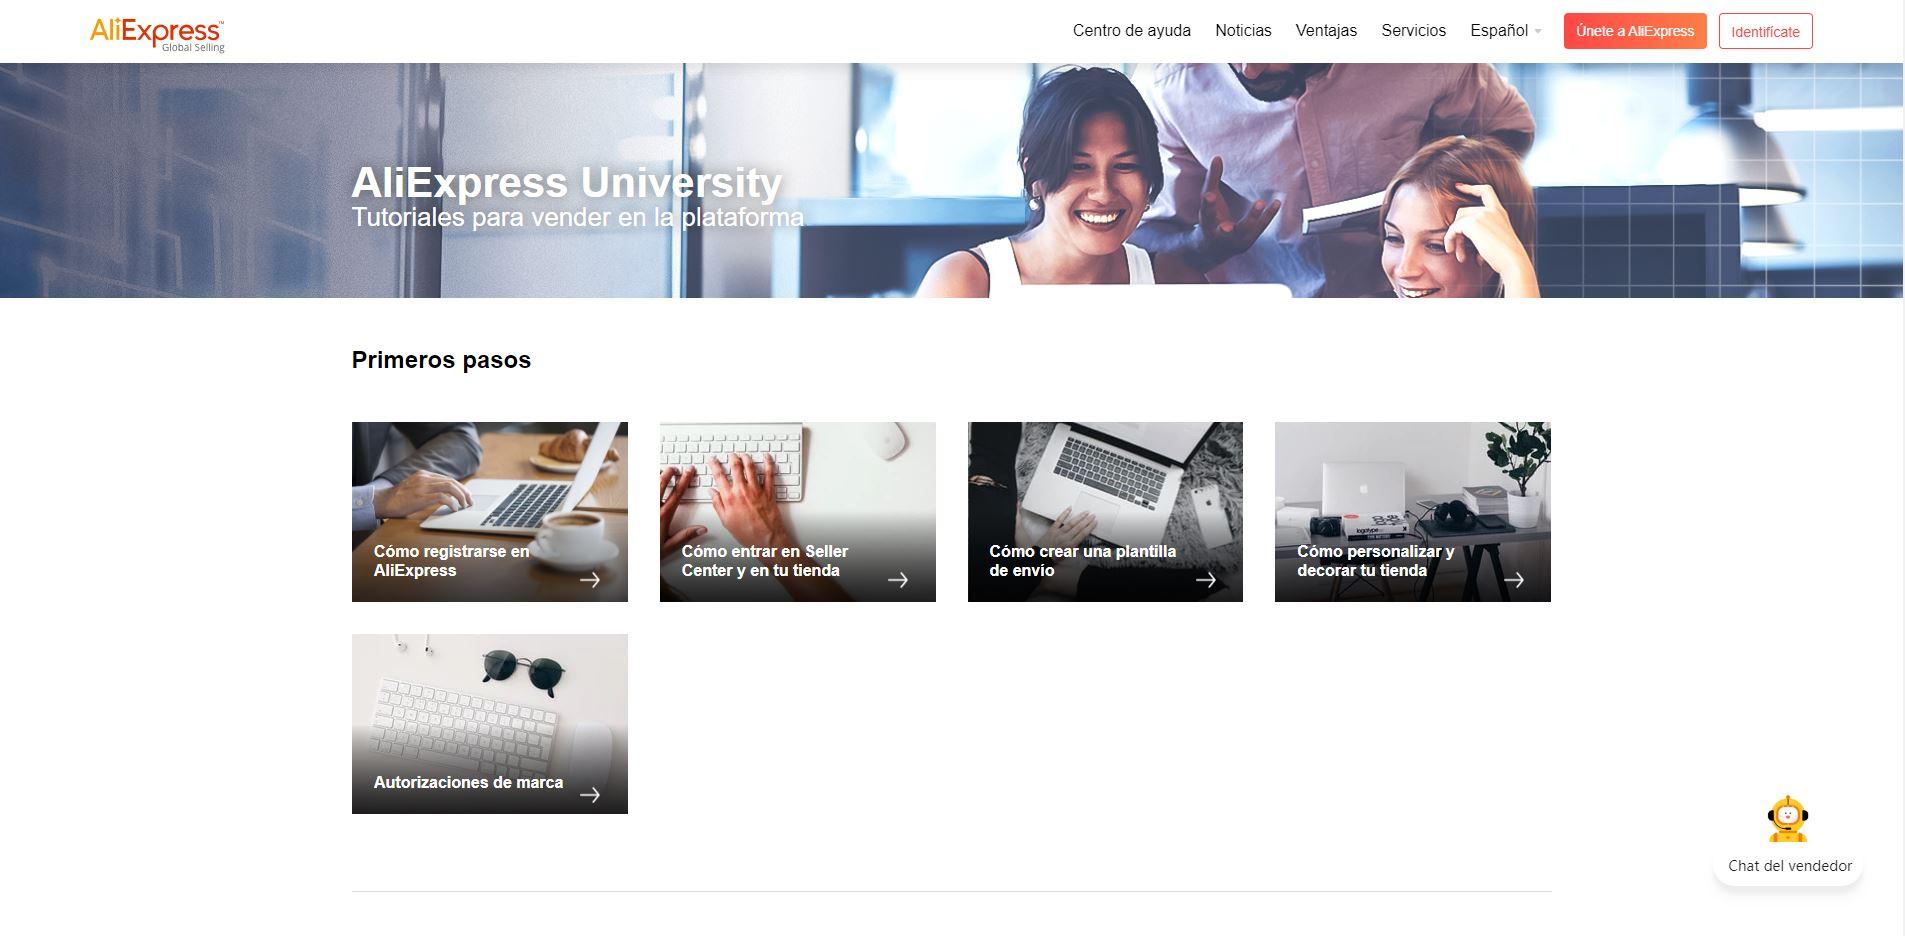 AliExpress University